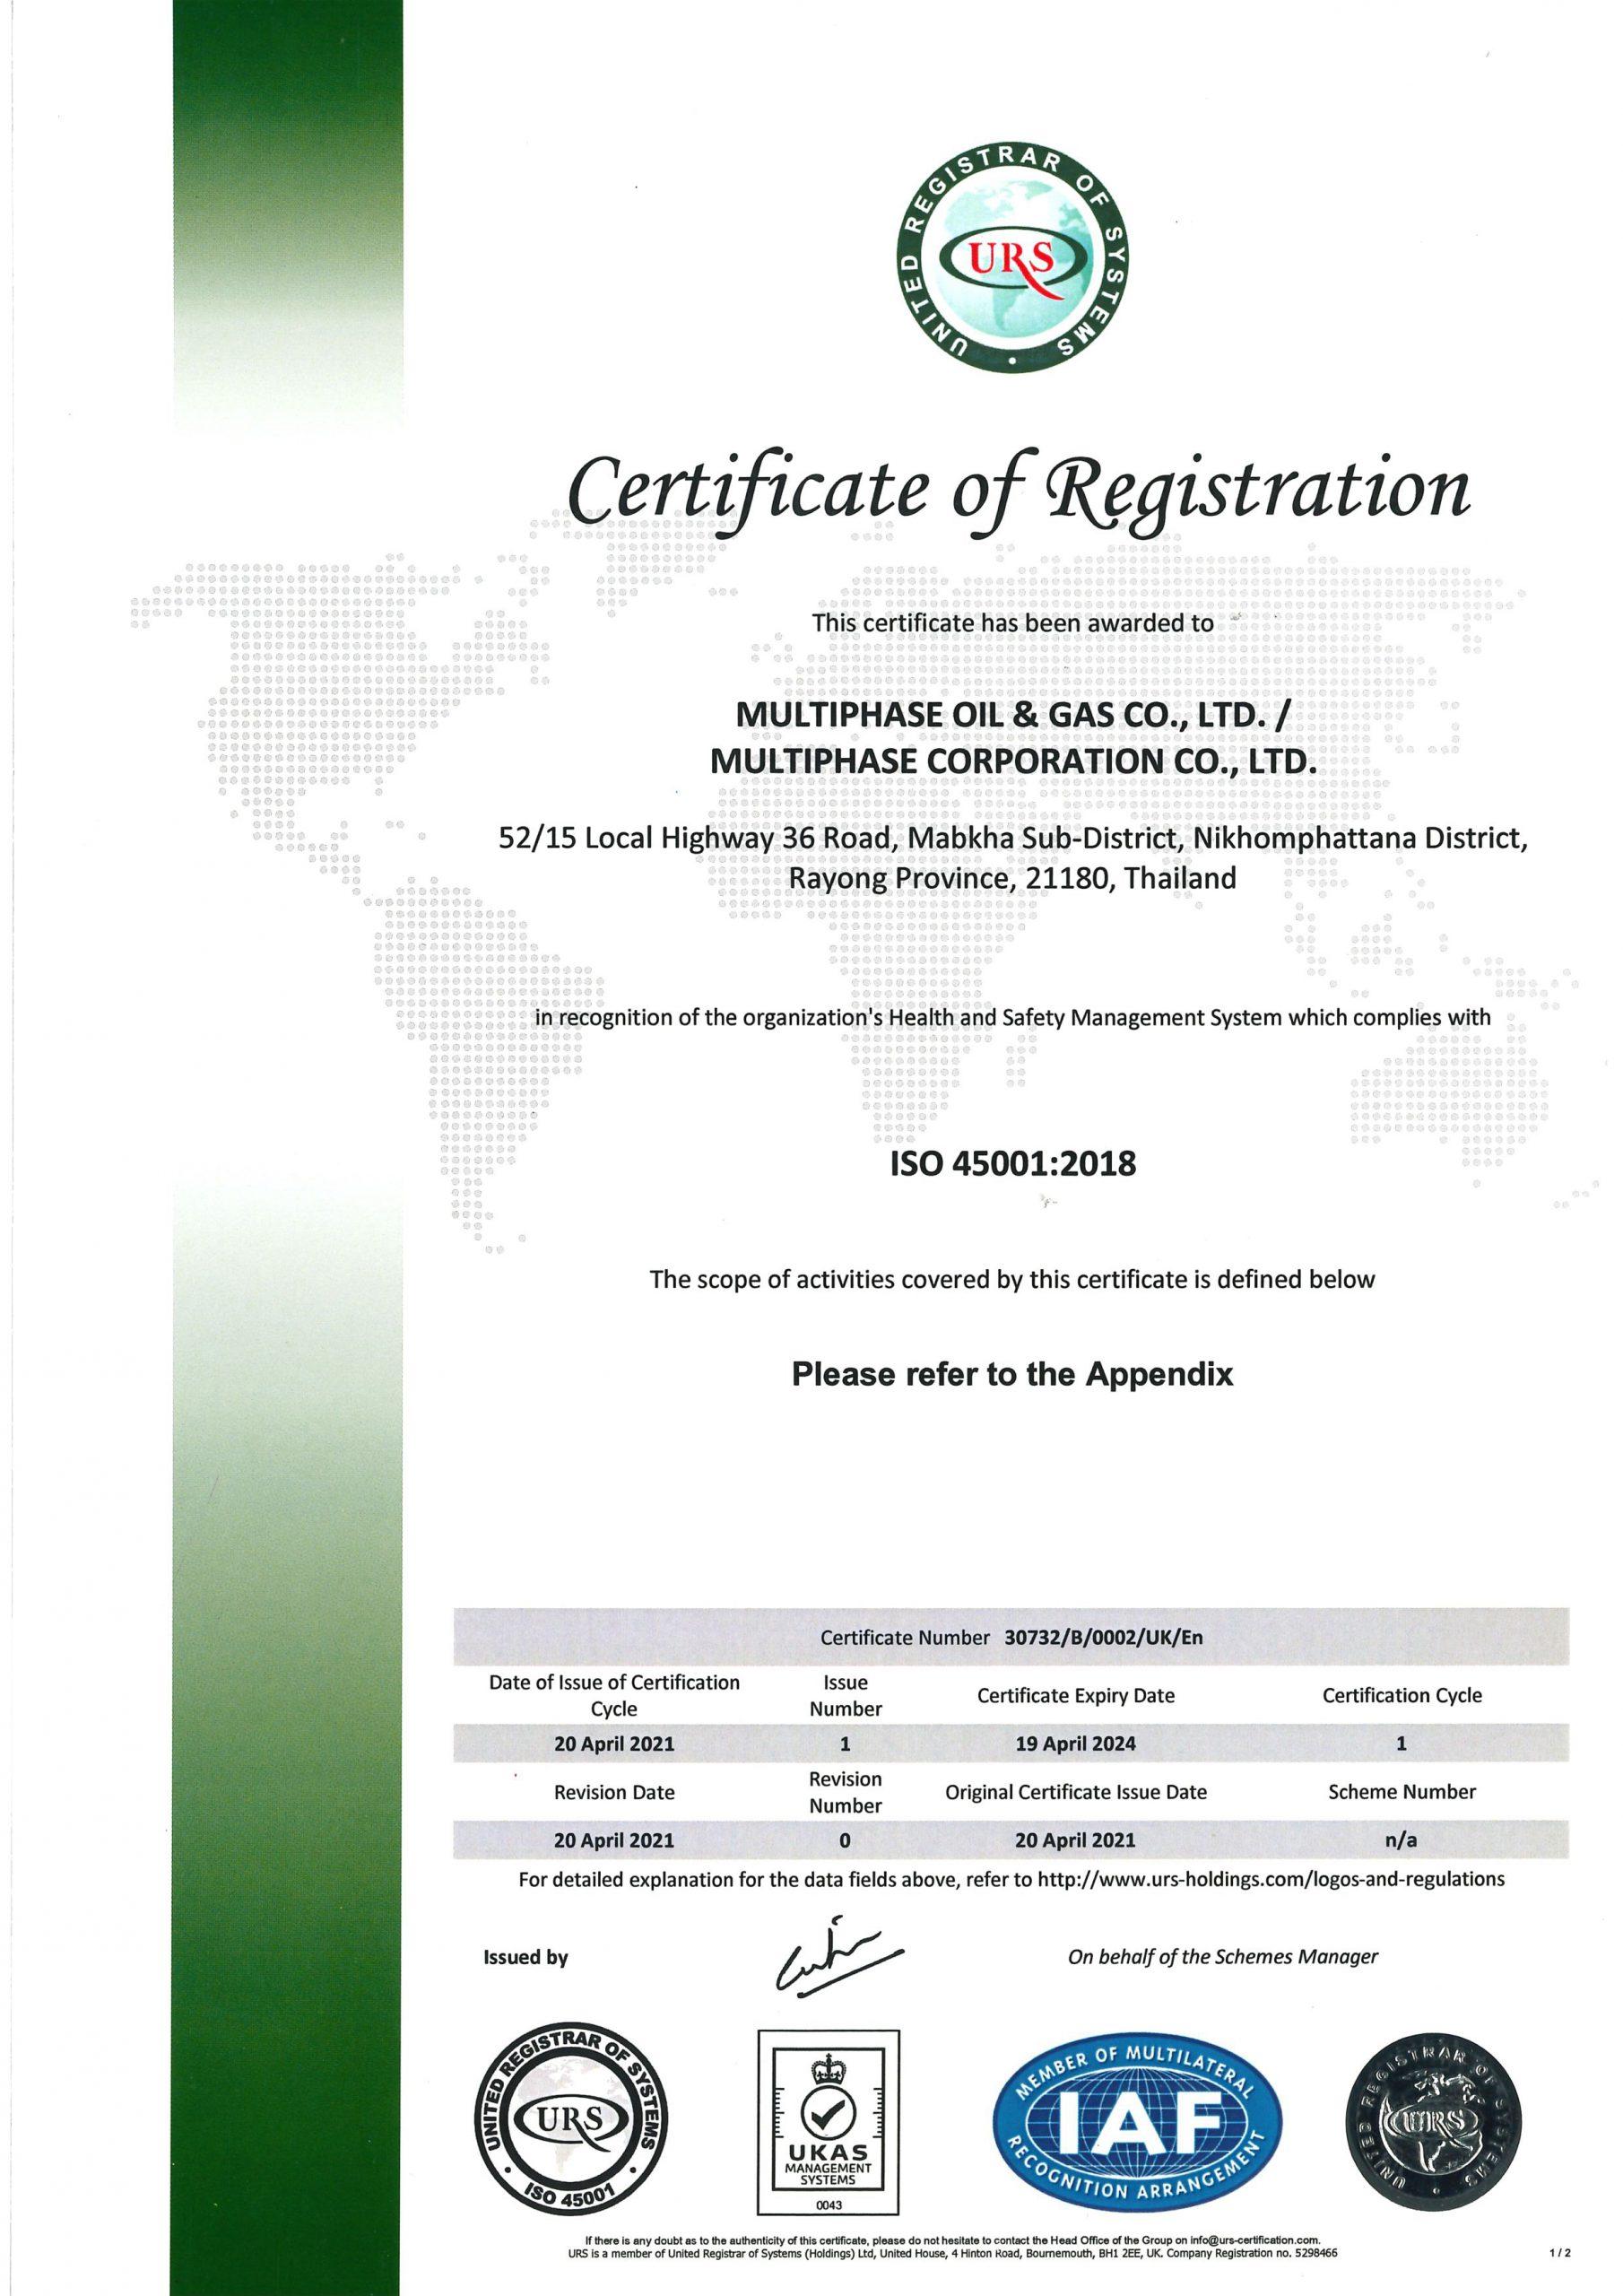 ใบรับรองมาตรฐานสากล ISO45001:2018 certificate